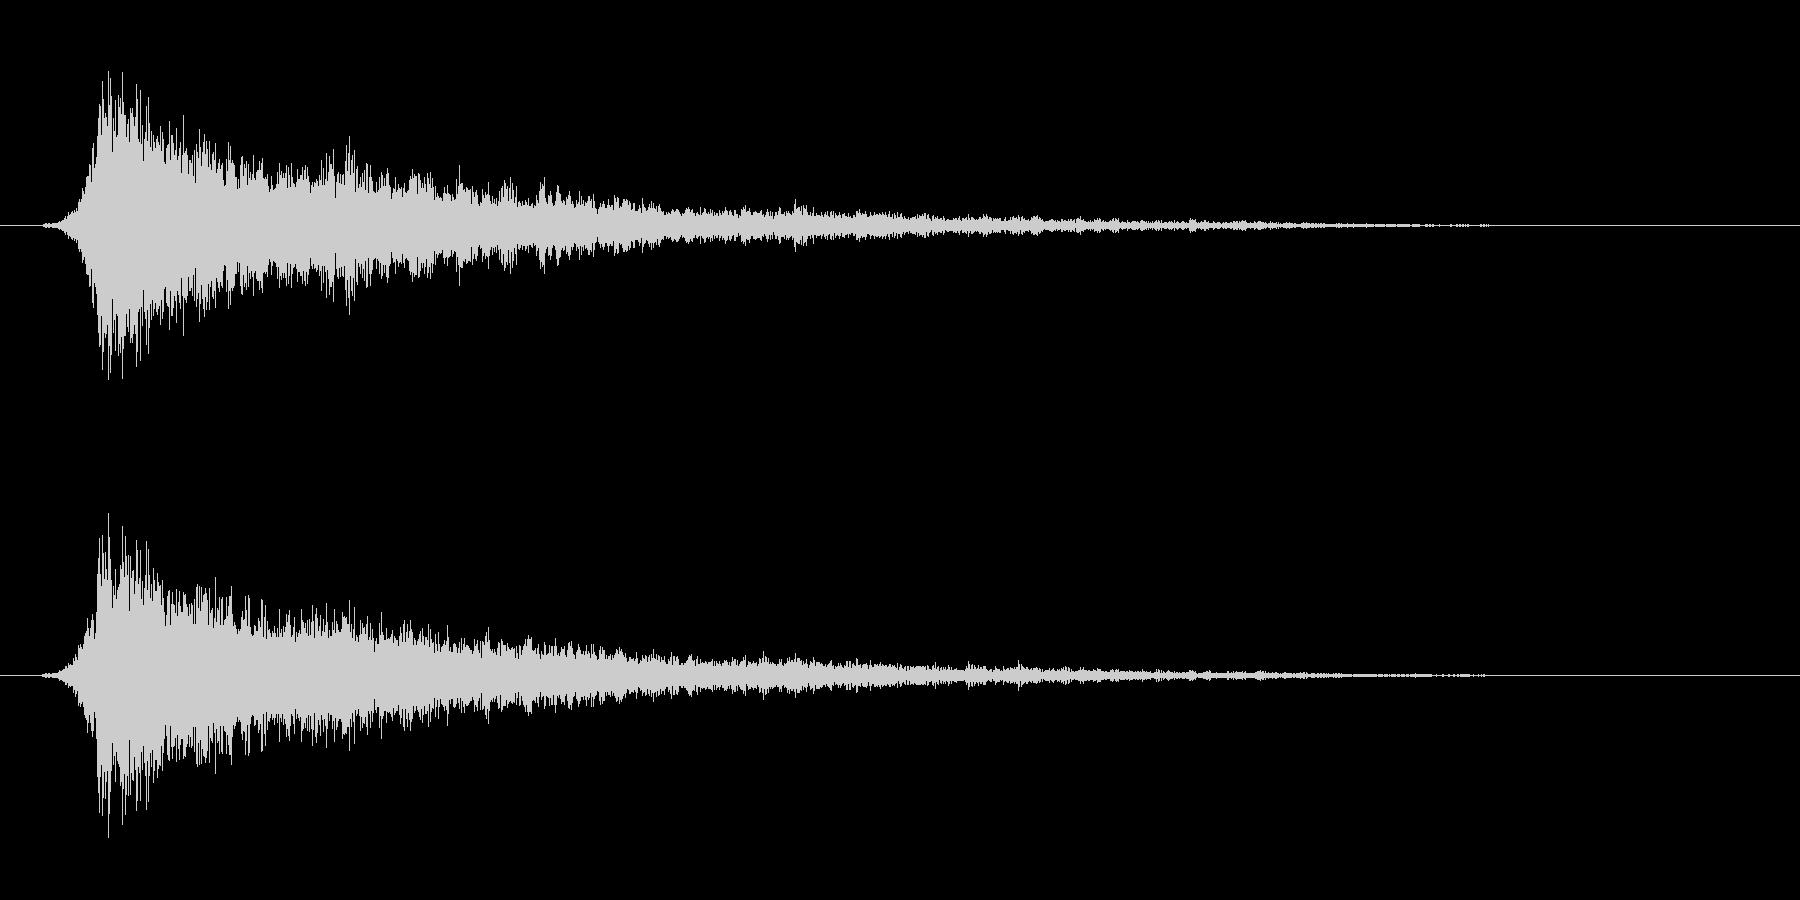 攻撃音。電撃系。ズシャーの未再生の波形